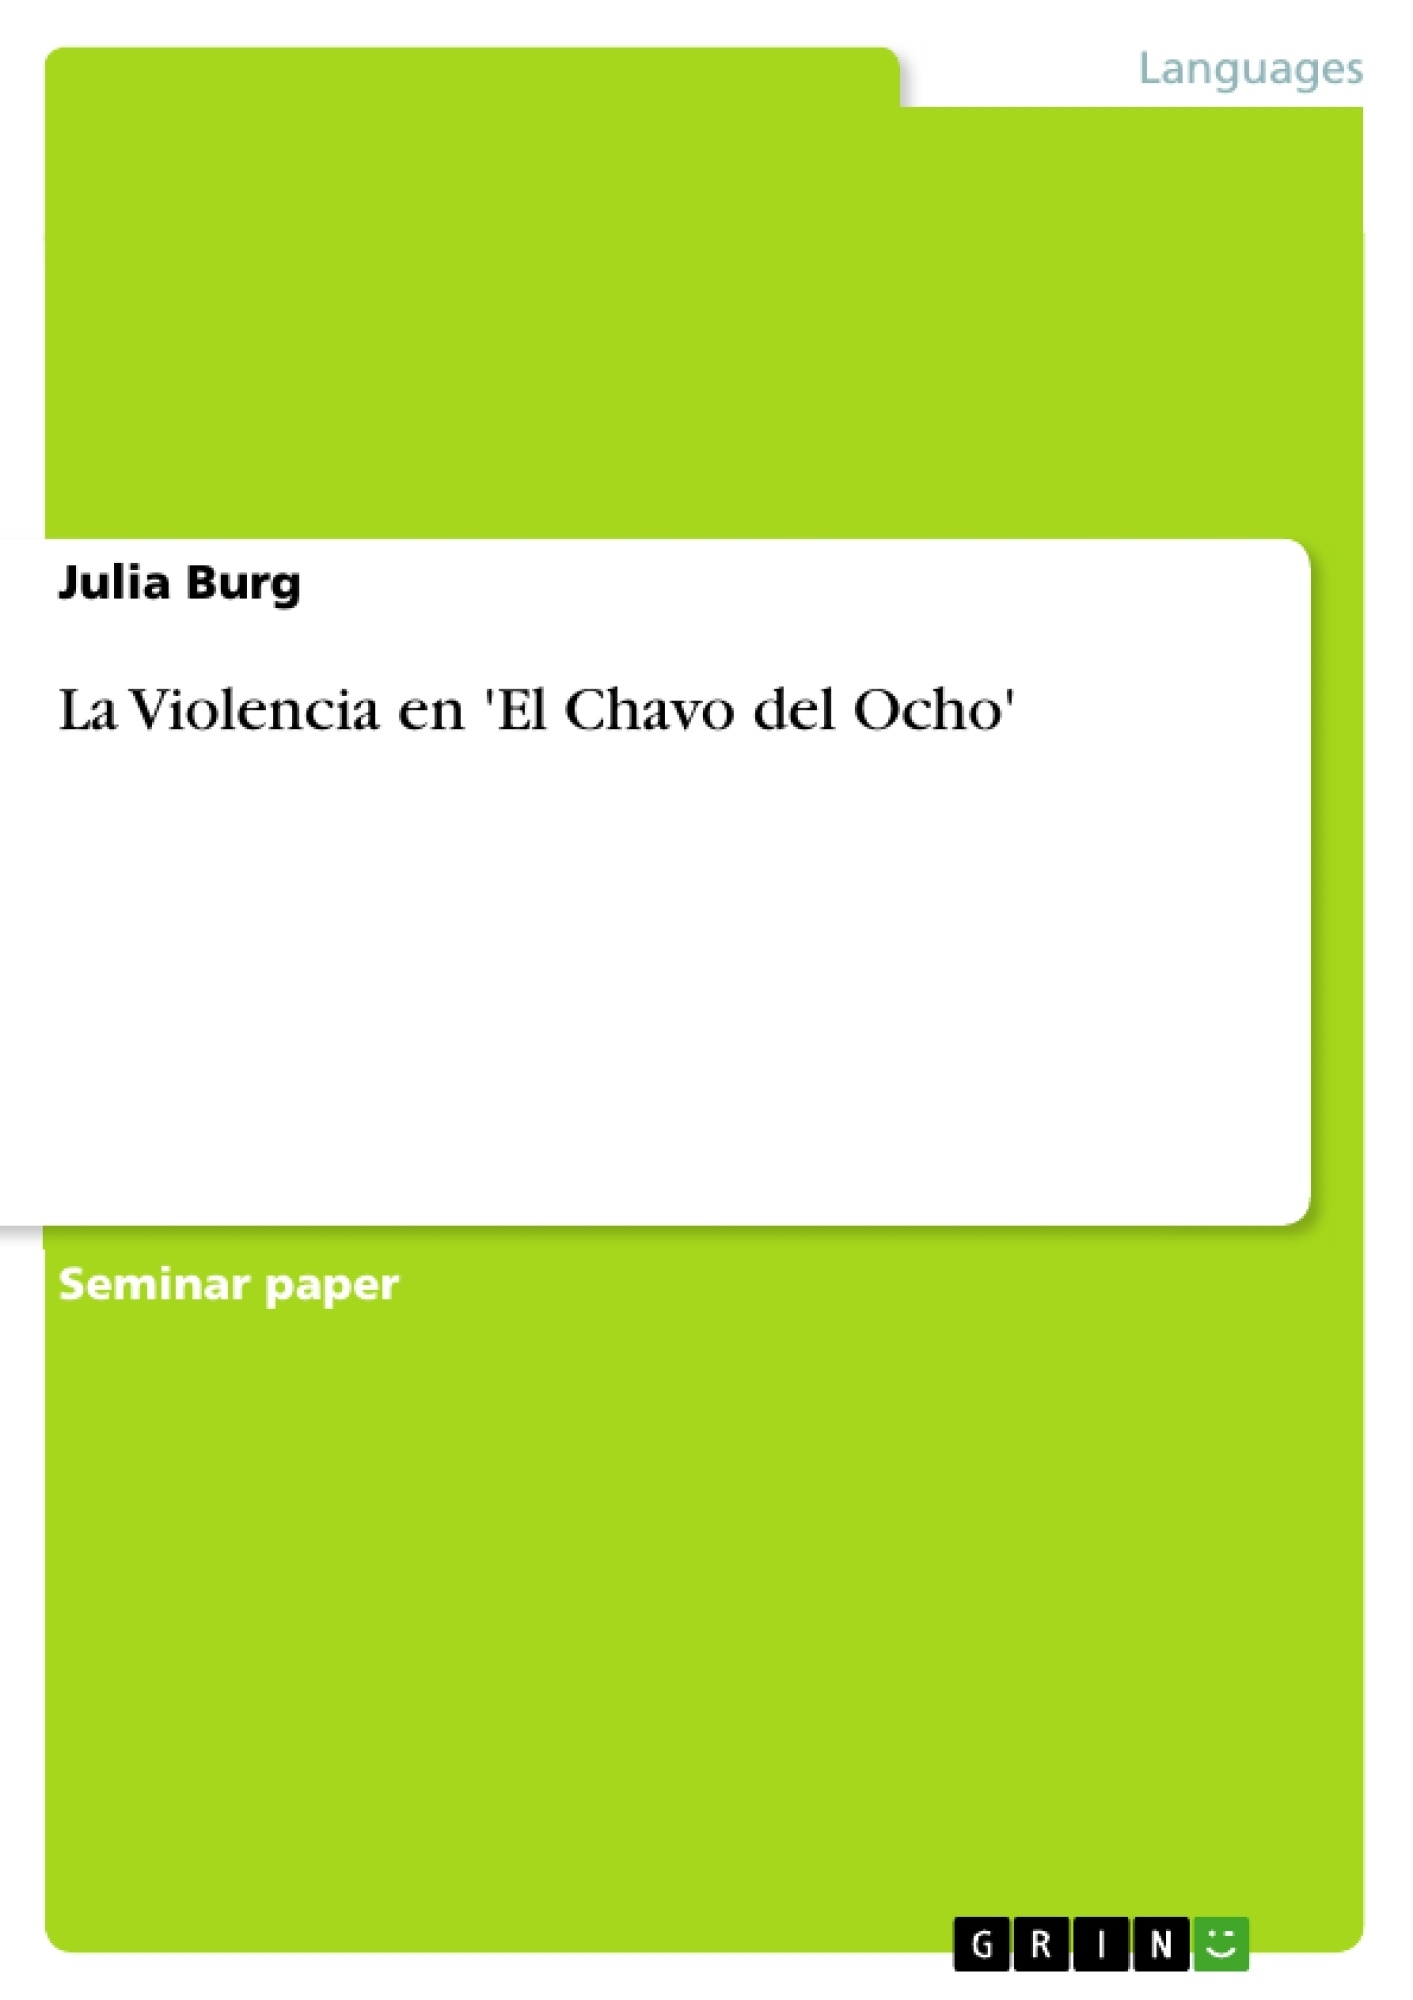 Título: La Violencia en 'El Chavo del Ocho'